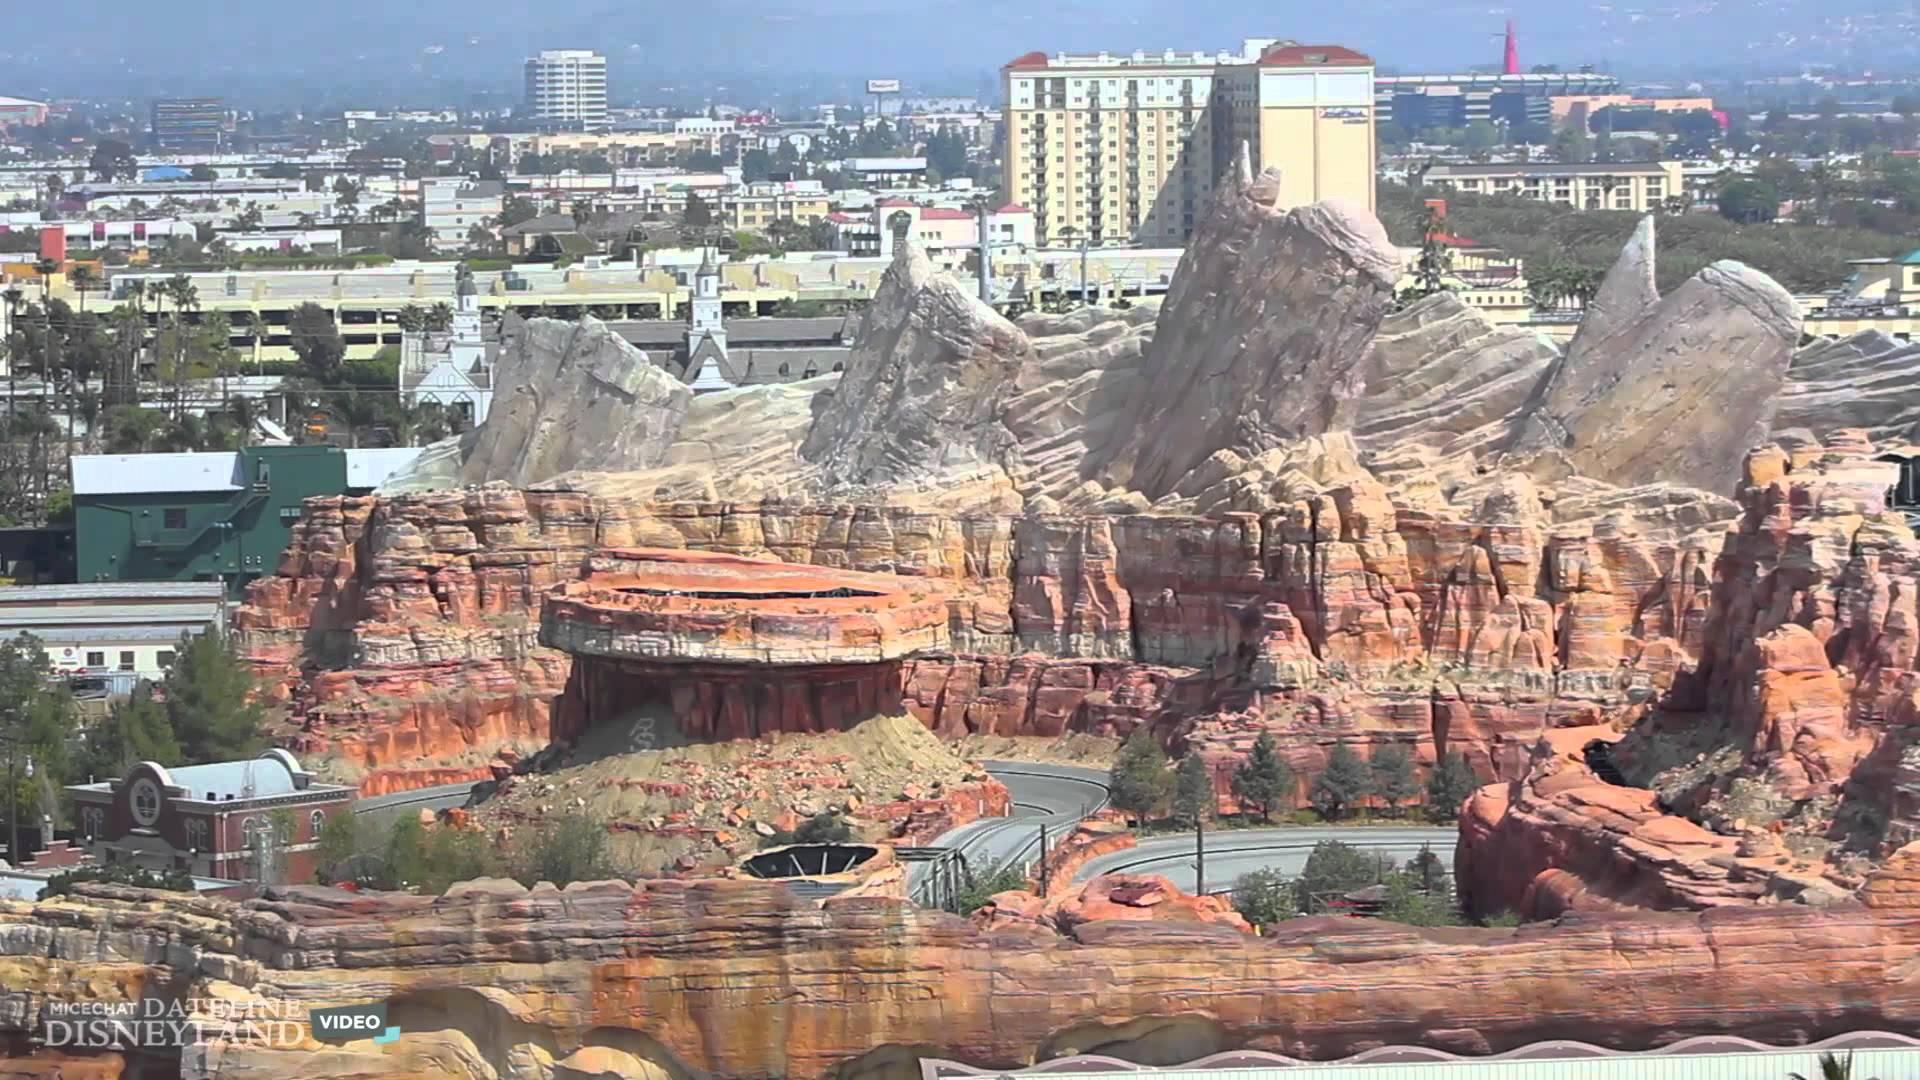 Desktop Radiator Springs Wallpapers Wallpaper Cave